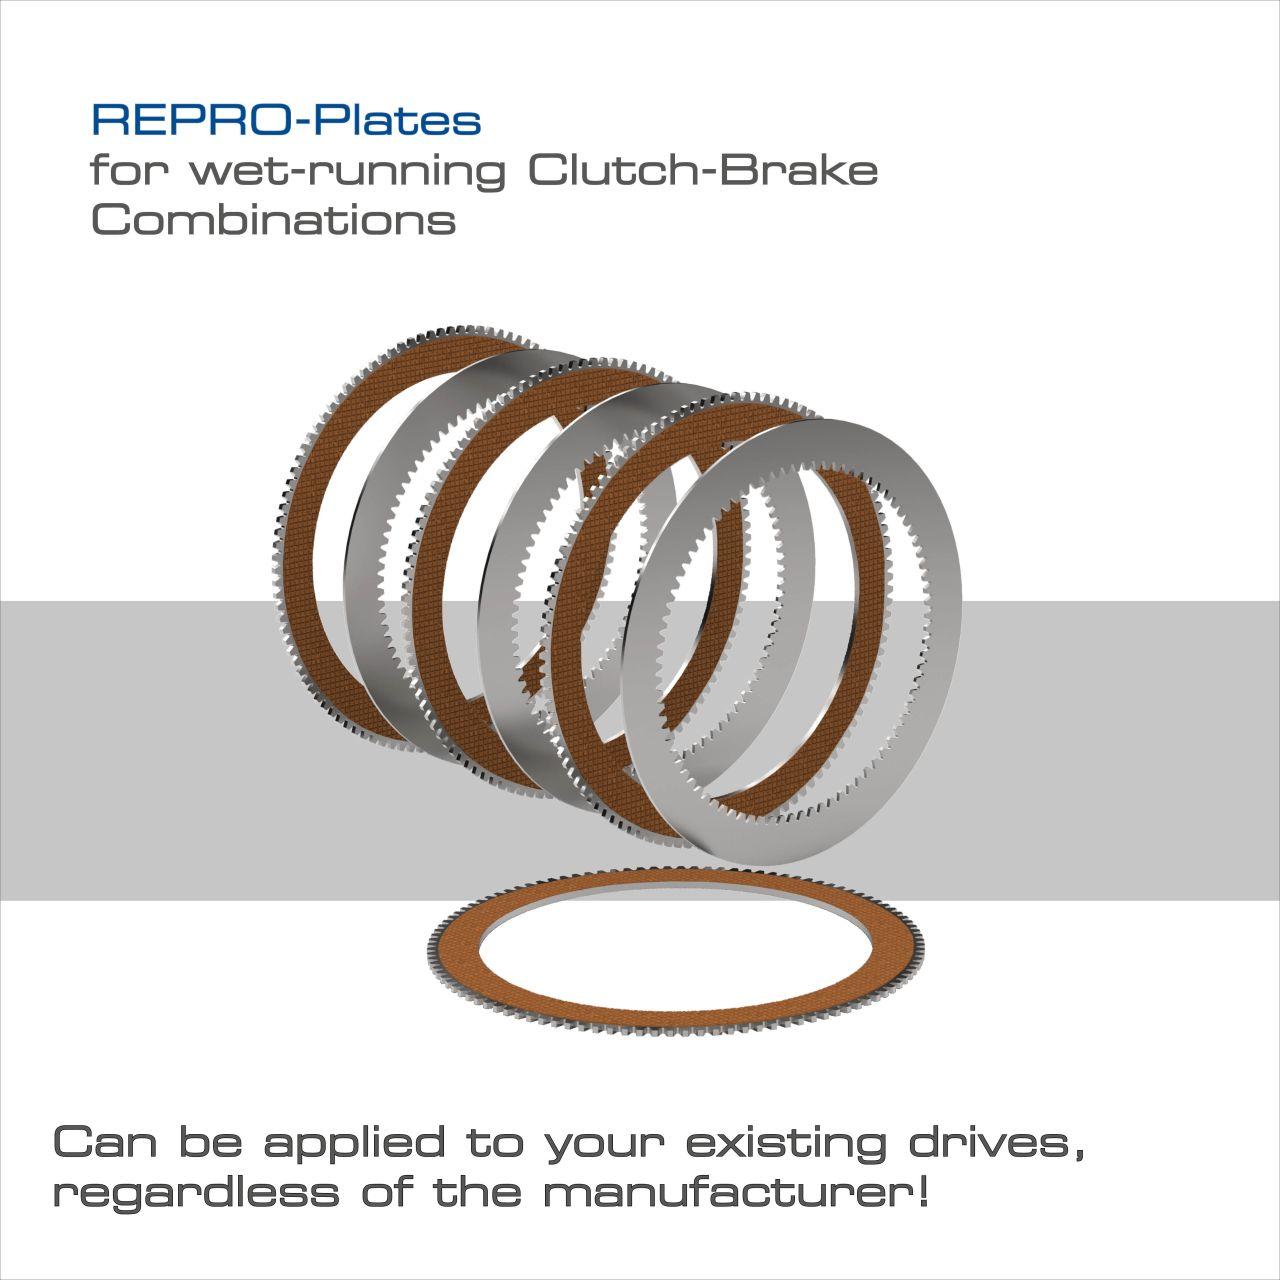 REPRO Sürtünme Diskleri -Tüm üreticilerin hidrolik kavrama / fren kombinasyonları için